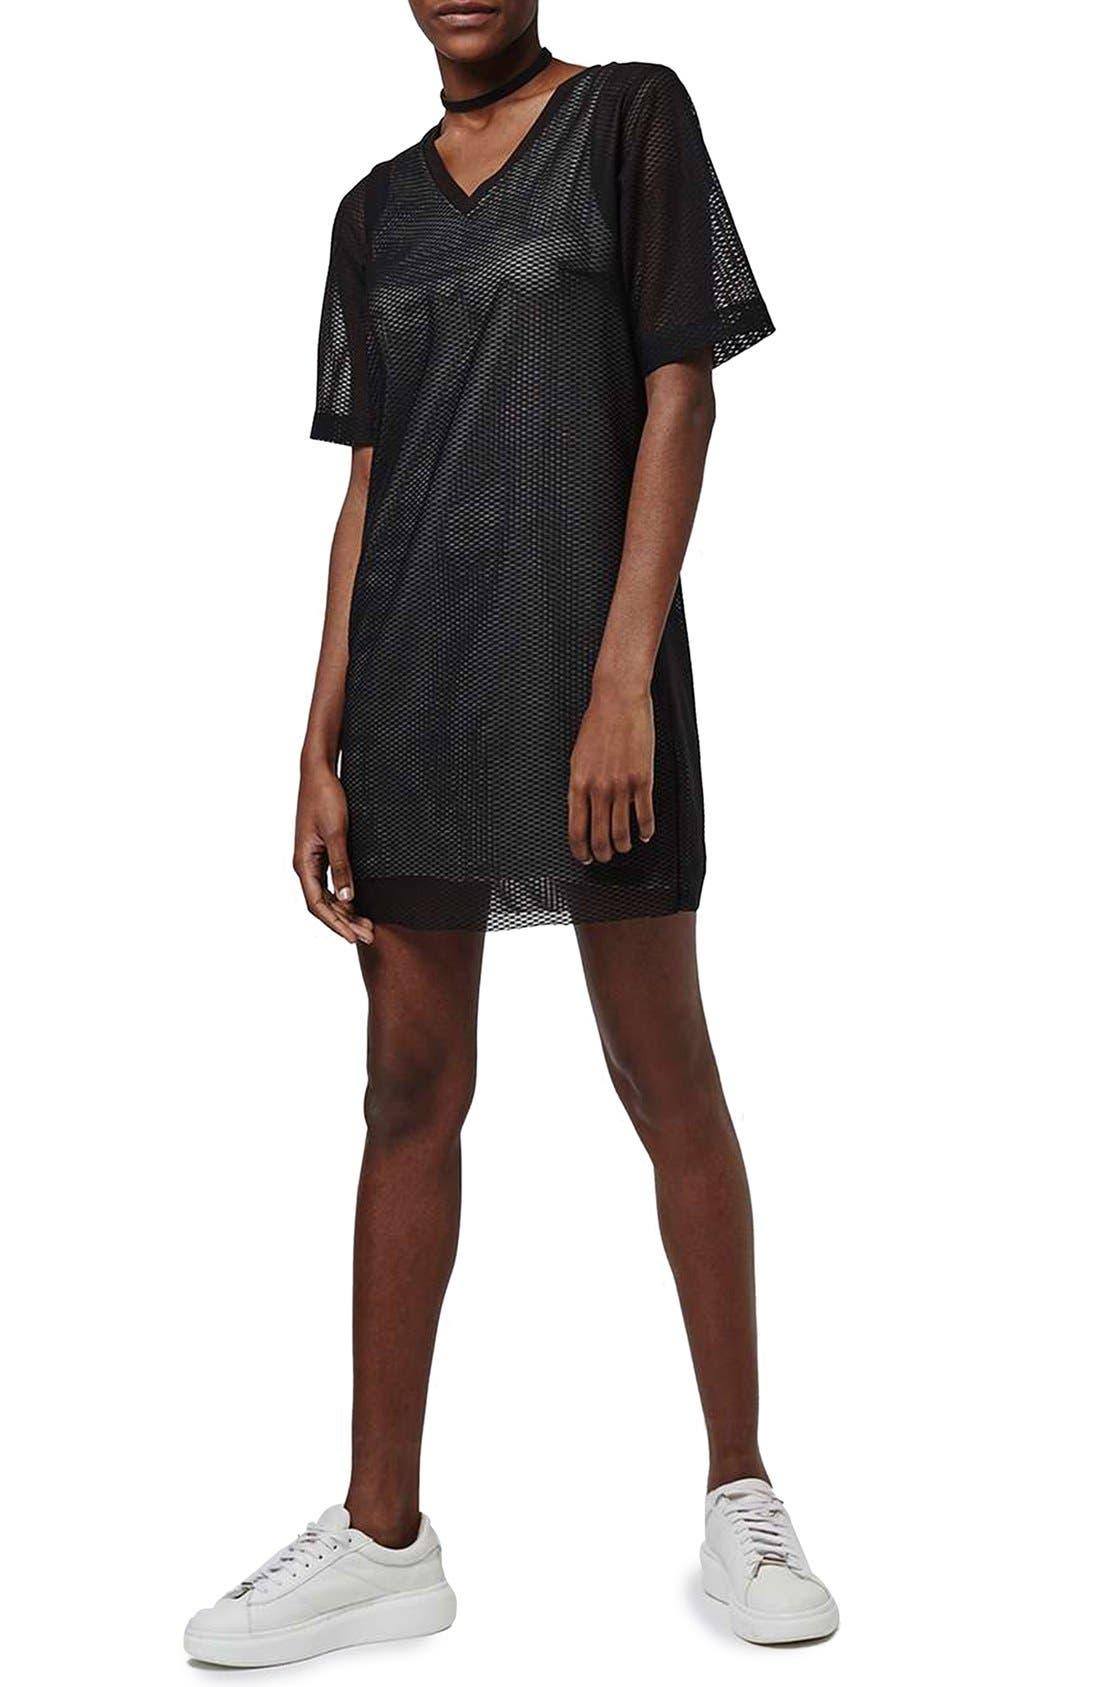 Alternate Image 1 Selected - Topshop V-Neck Mesh T-Shirt Dress